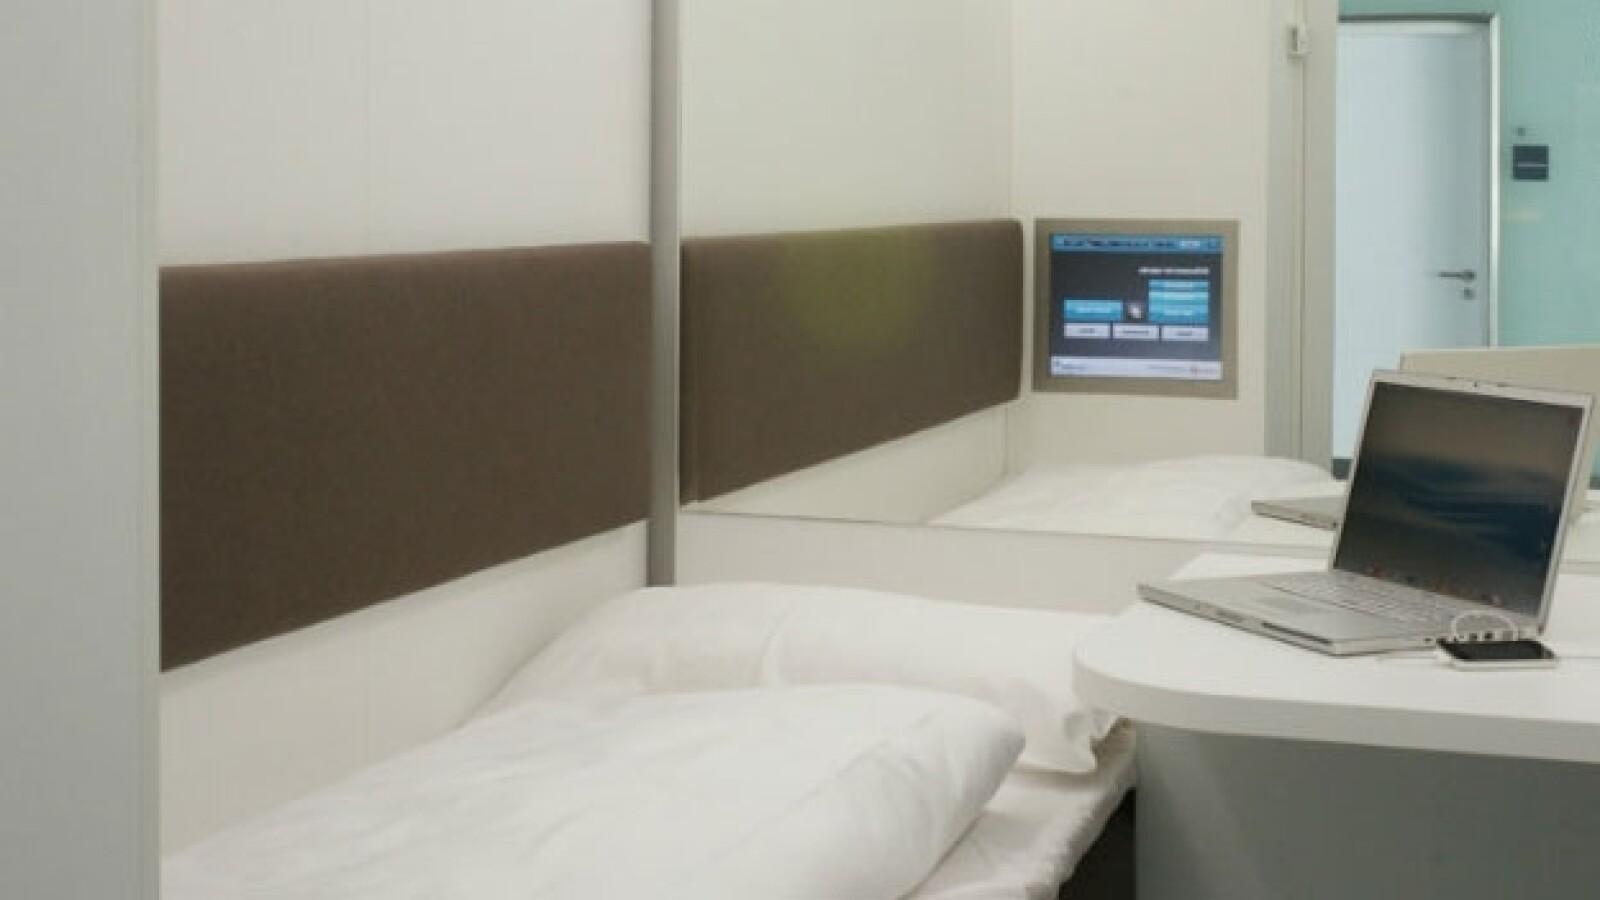 Napcab capsulas dormir aeropuertos